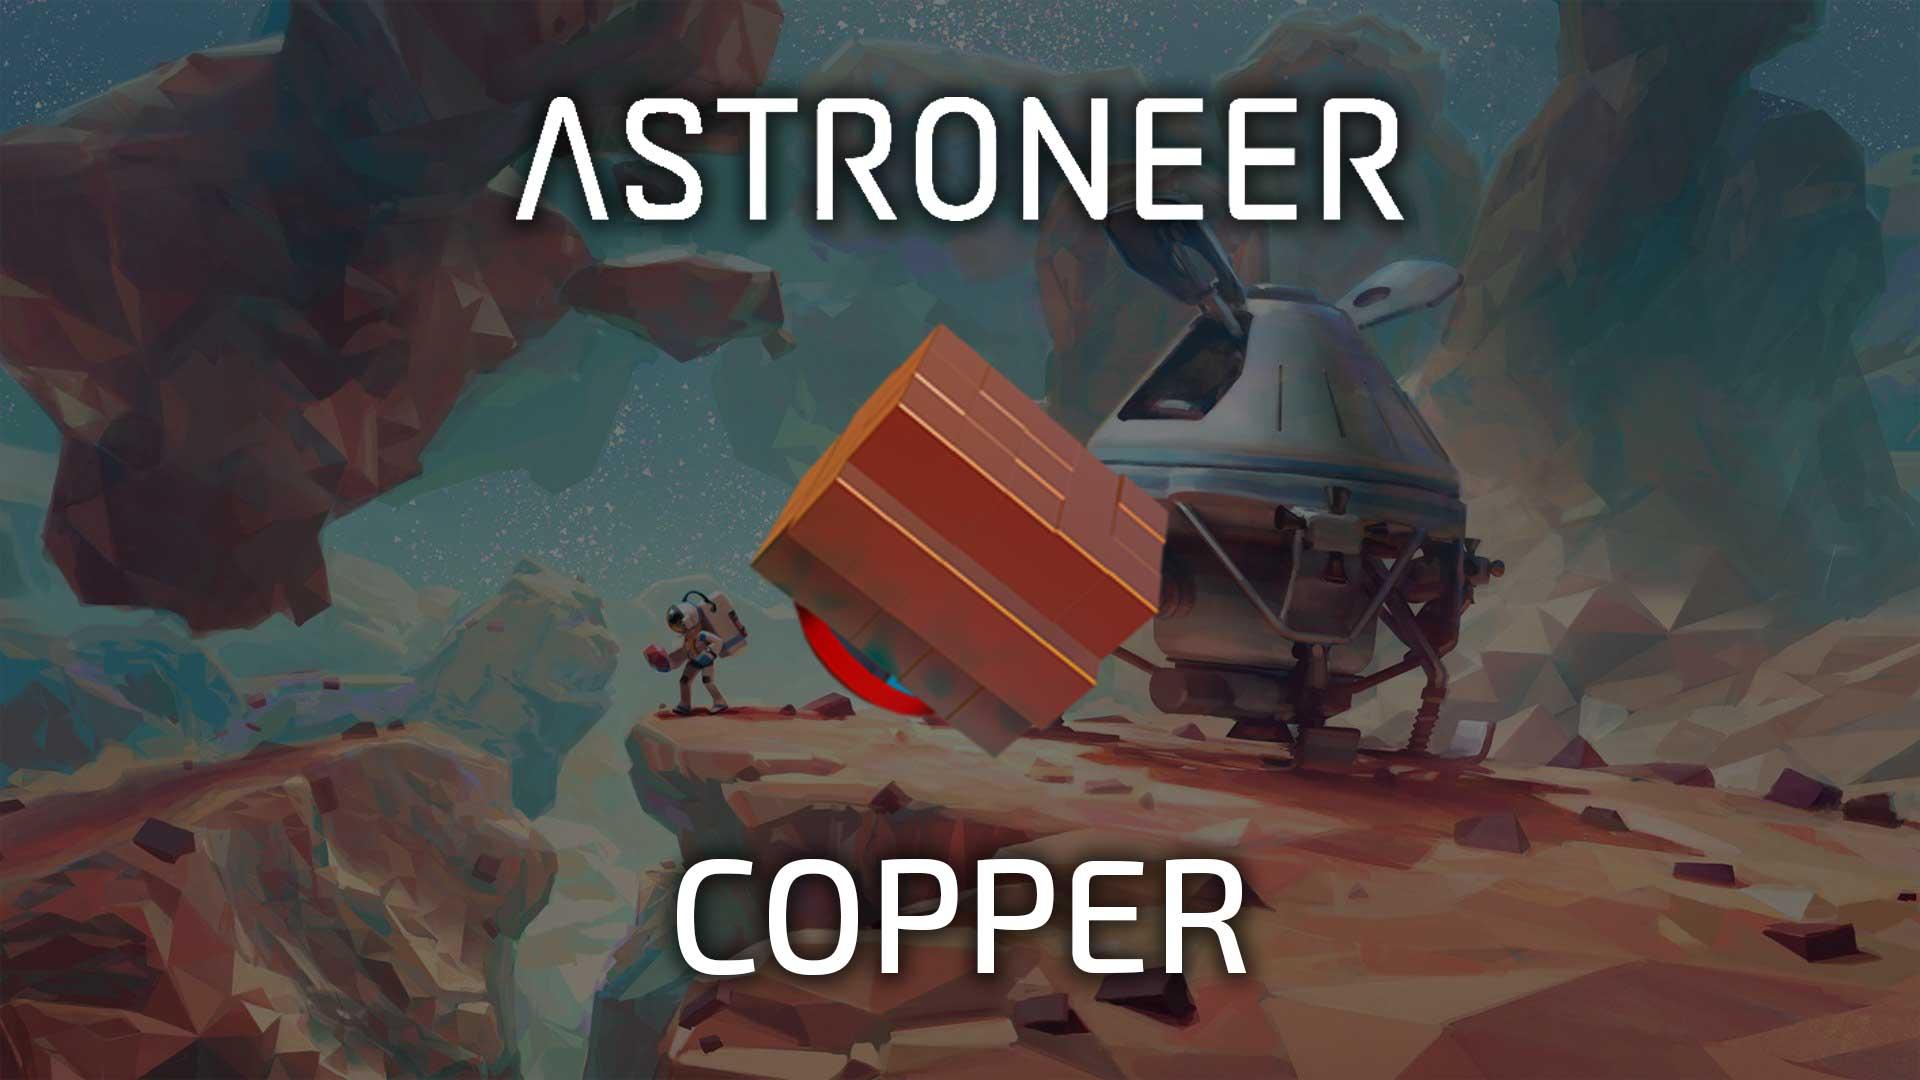 astroneer copper